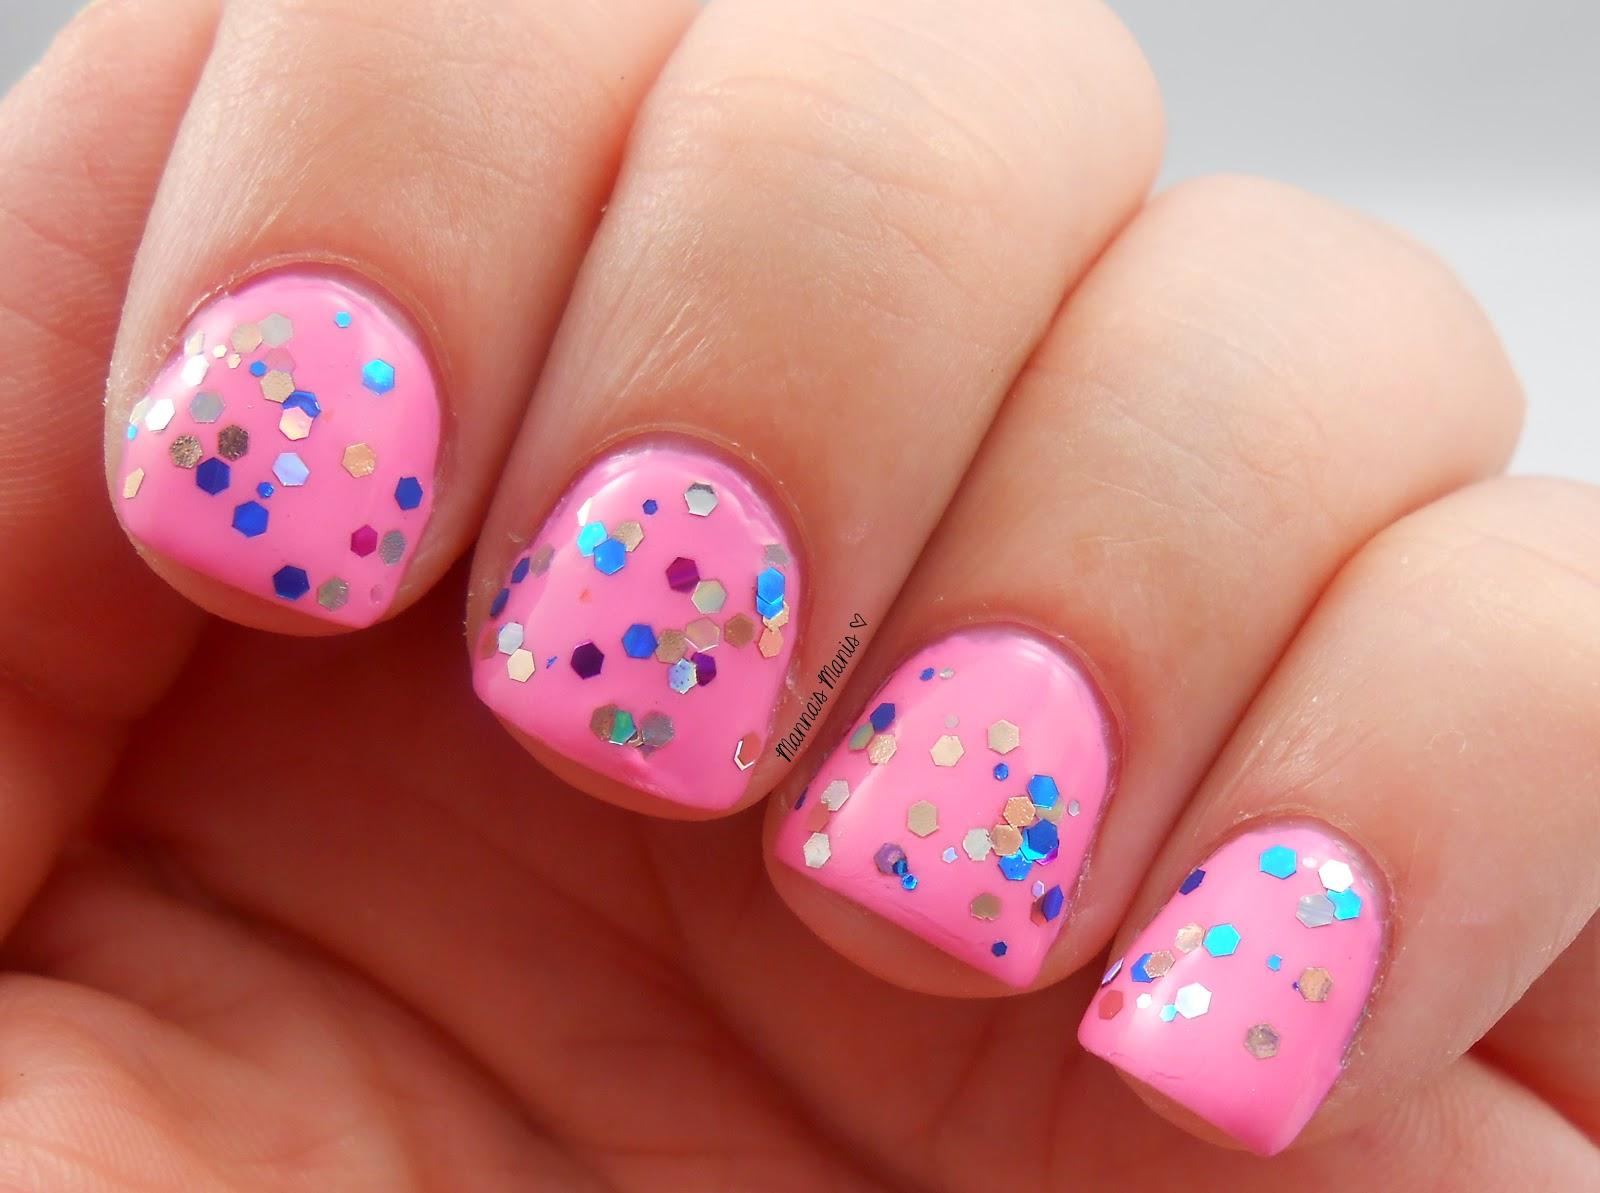 BMC liquid courage, a multicolored glitter nail polish